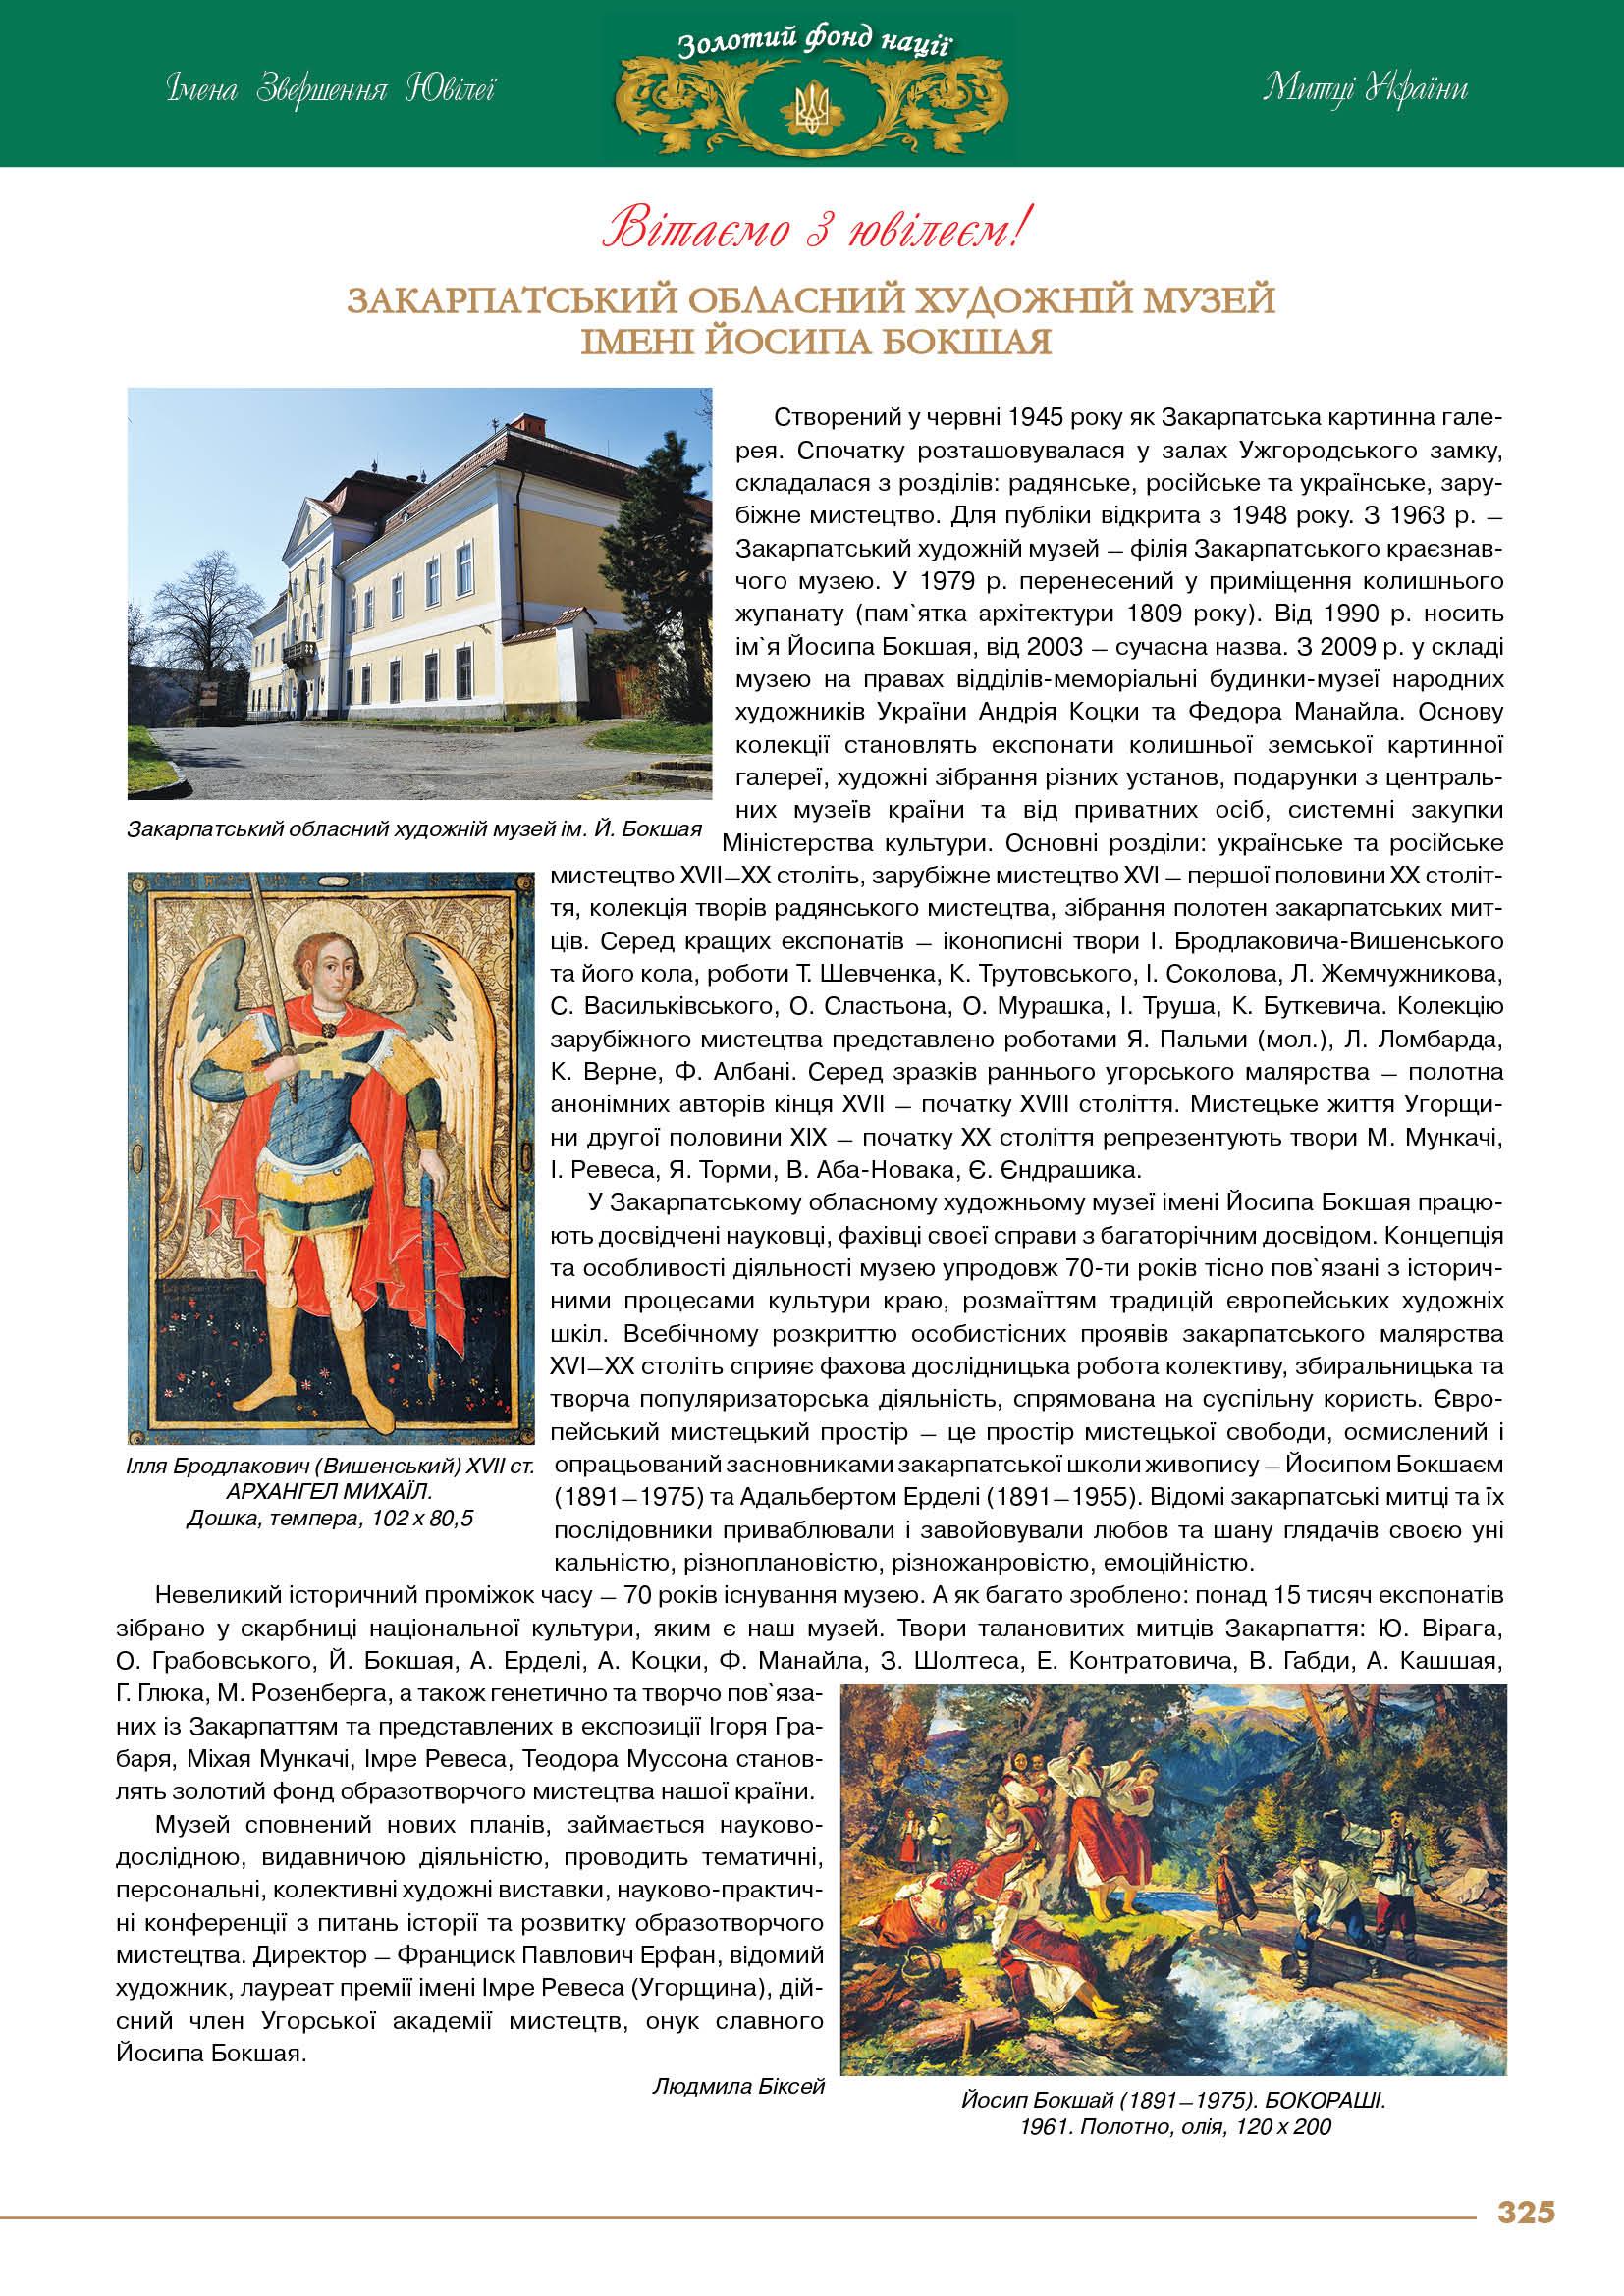 Закарпатський обласний художній музей імені Йосипа Бокшая